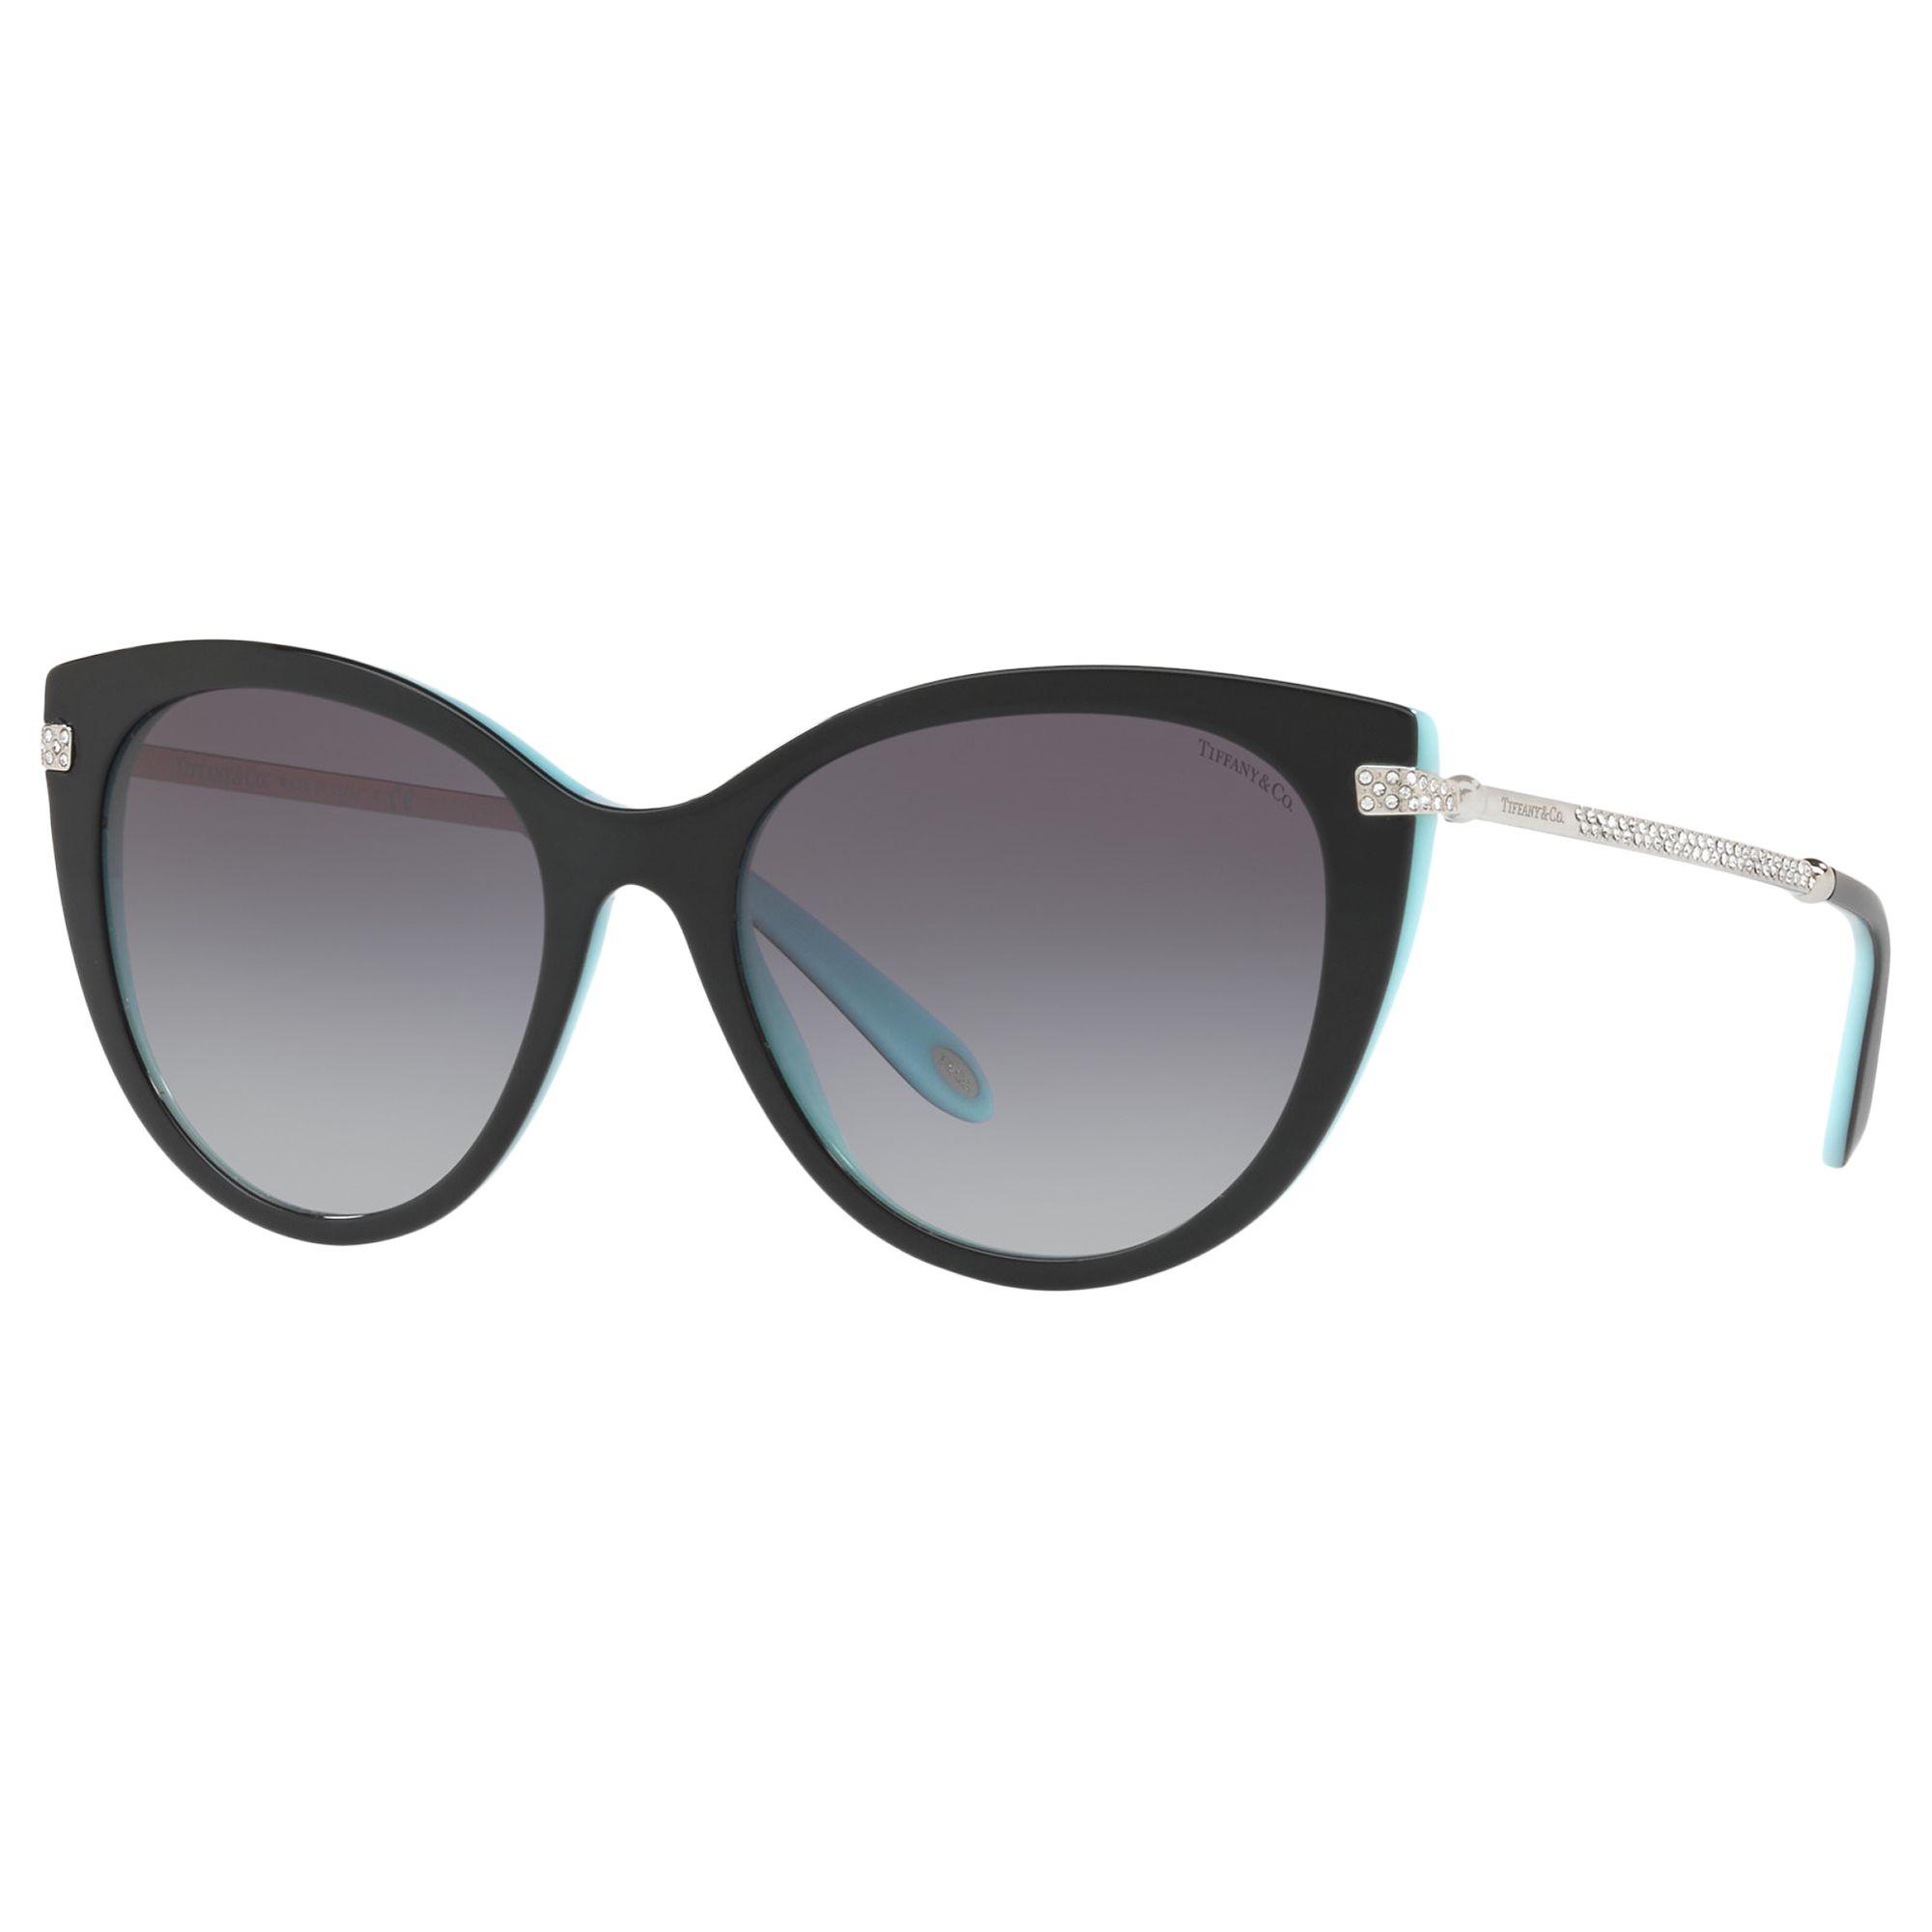 Tiffany & Co Tiffany & Co TF4143B Women's Cat's Eye Sunglasses